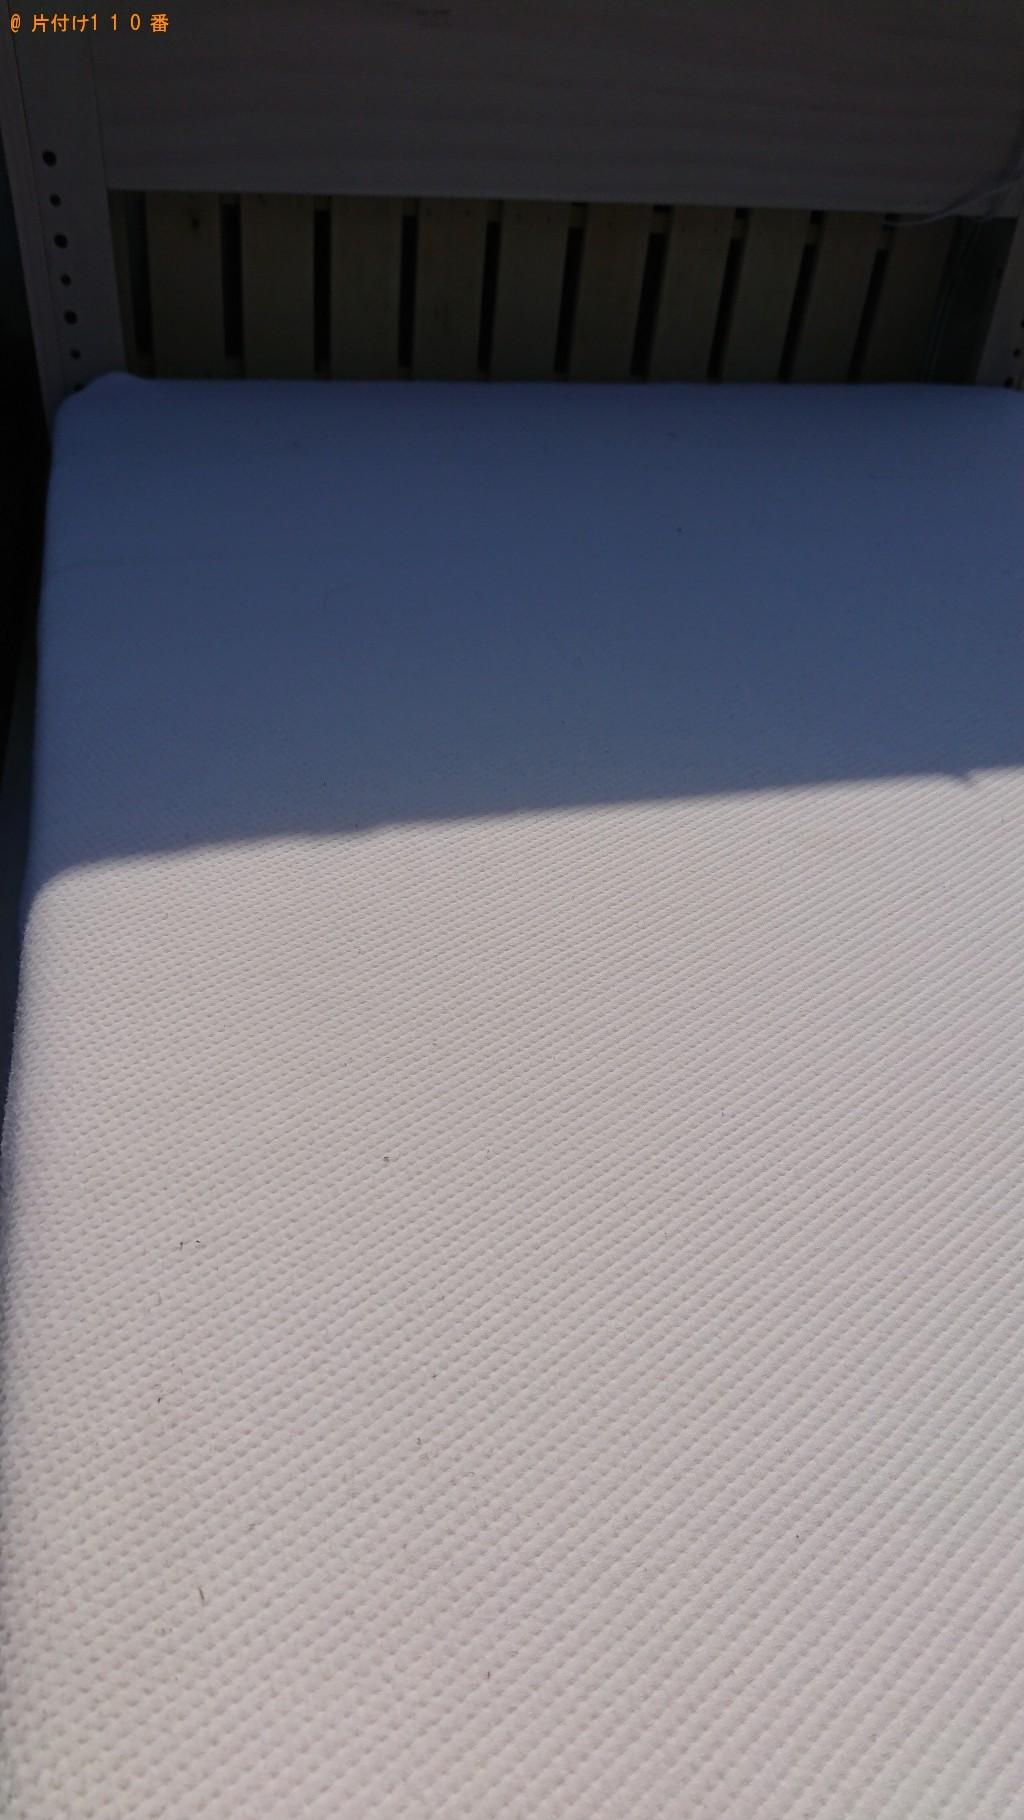 【大阪市淀川区】シングルベッドの回収・処分ご依頼 お客様の声